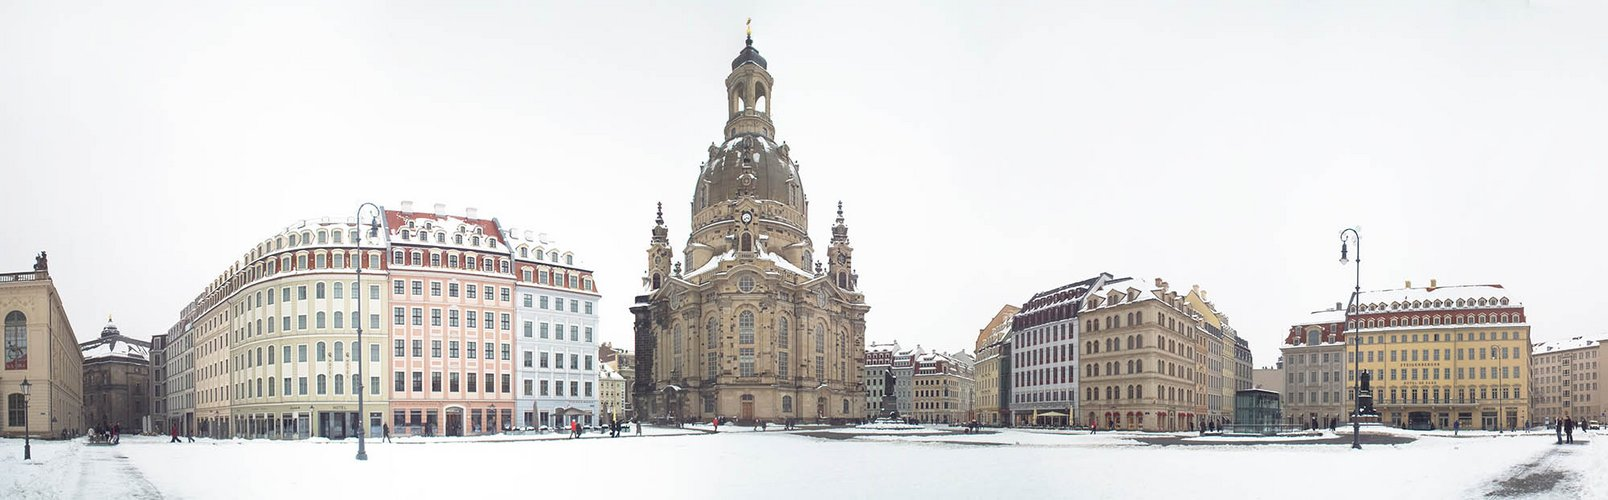 Winterlicher Neumarkt Dresden